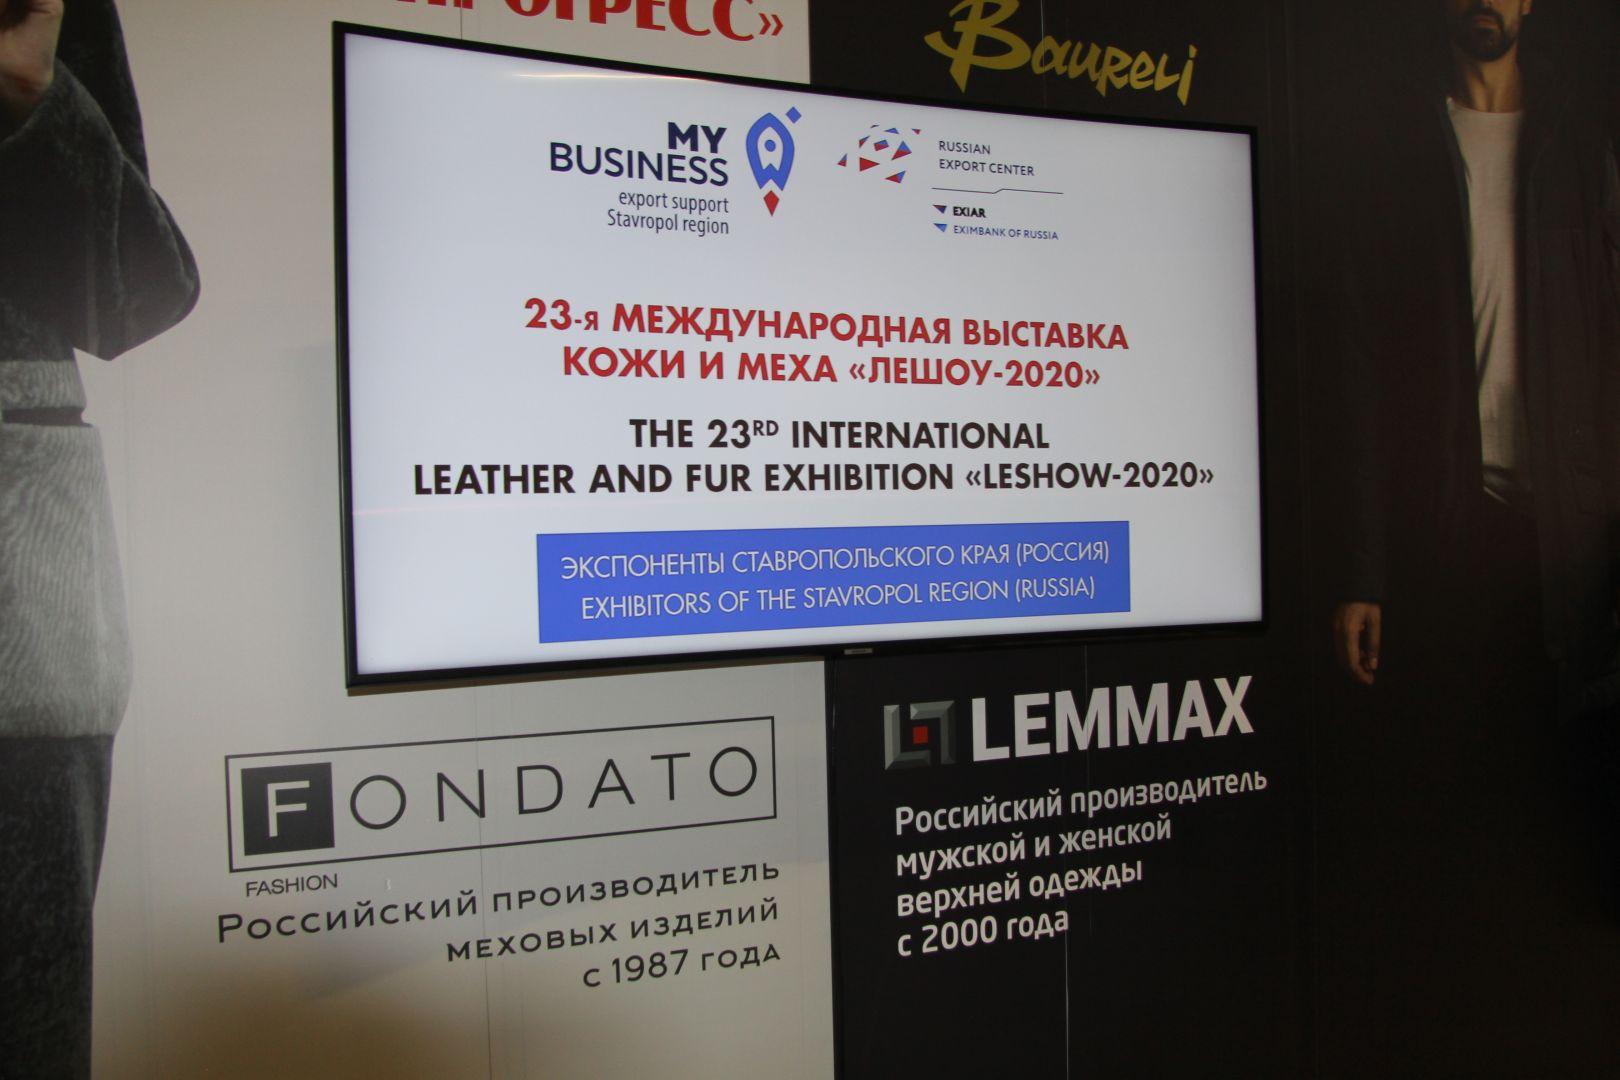 Легкая промышленность Ставрополья представила свою продукцию на выставке зимней моды